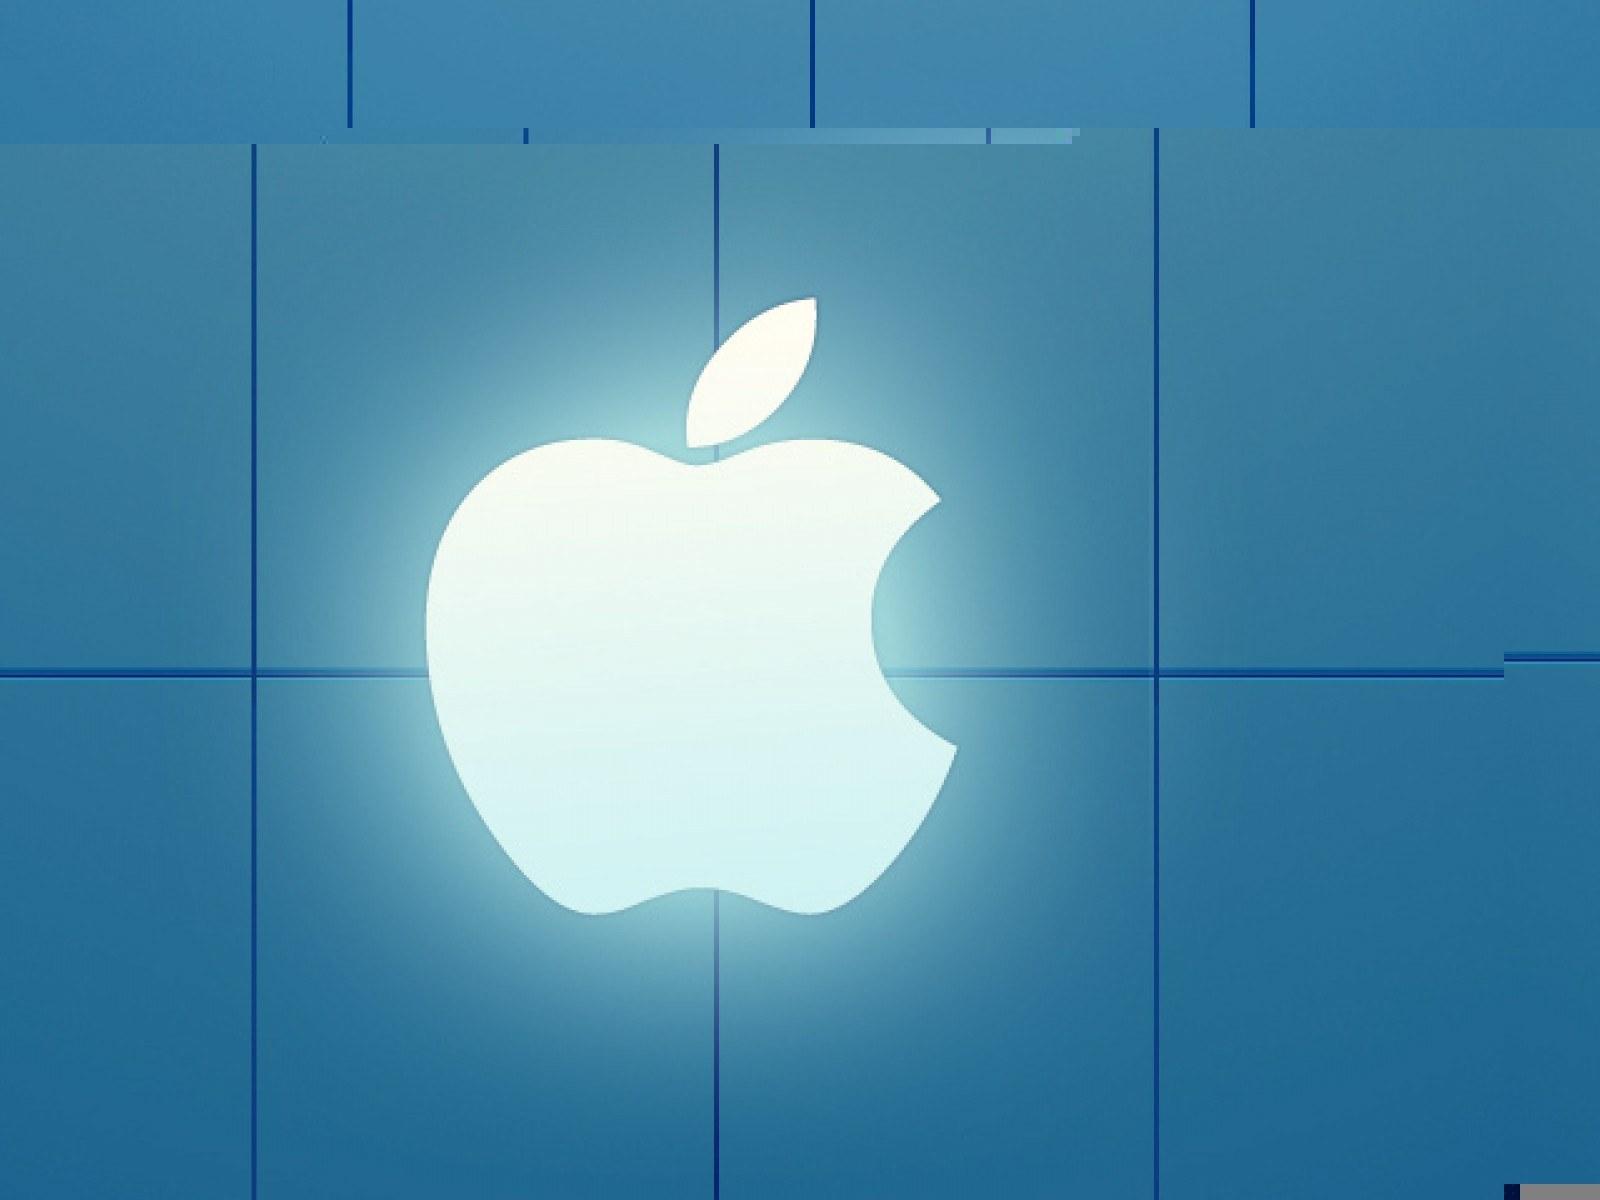 ahora Apple ha presentado una declaración formal